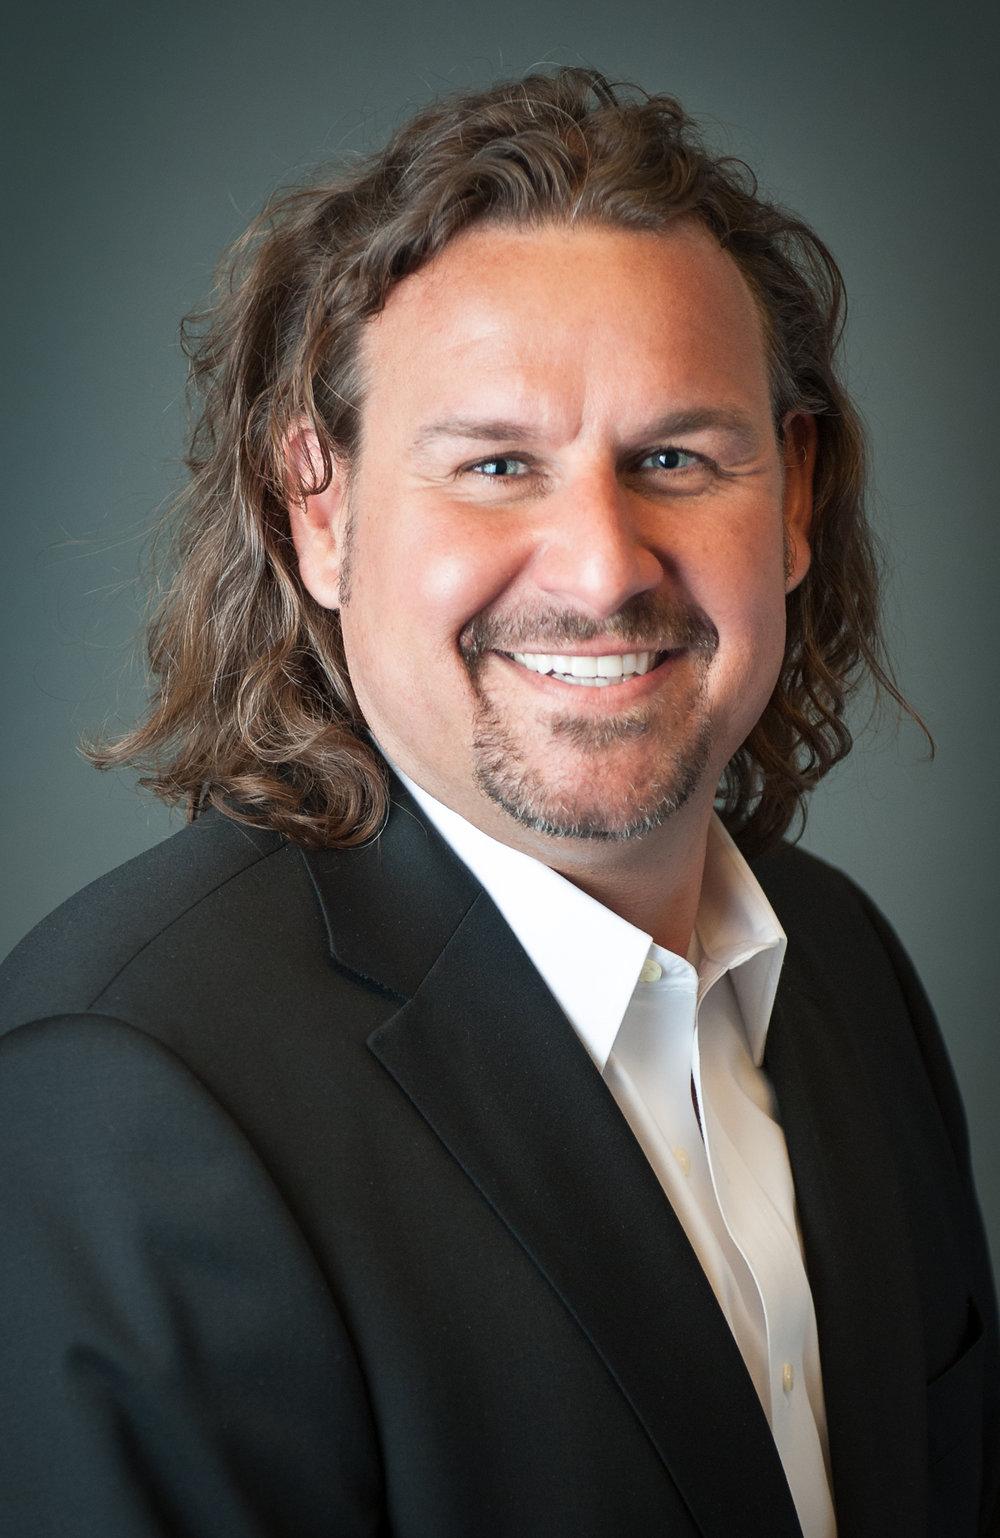 Greg leone - principal